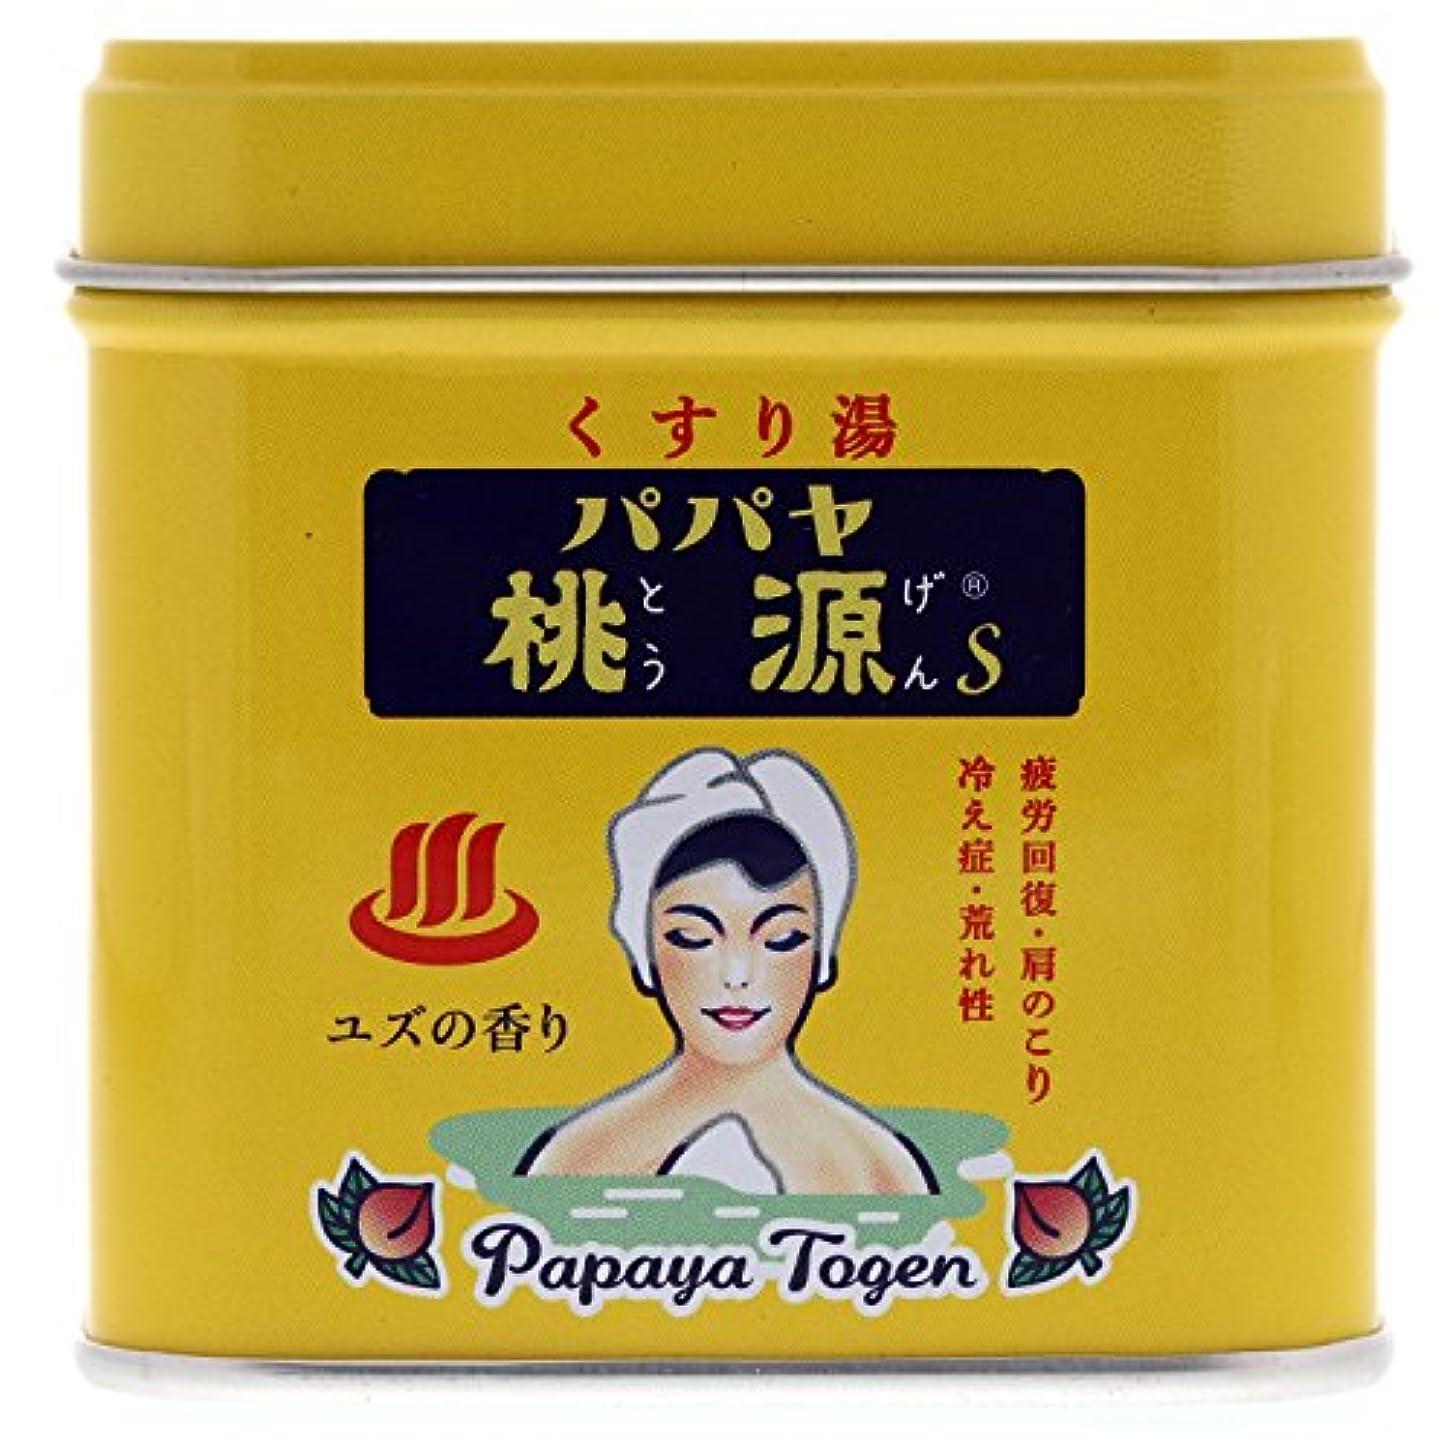 いま批判的ポークパパヤ桃源S 70g缶 ユズの香り [医薬部外品]